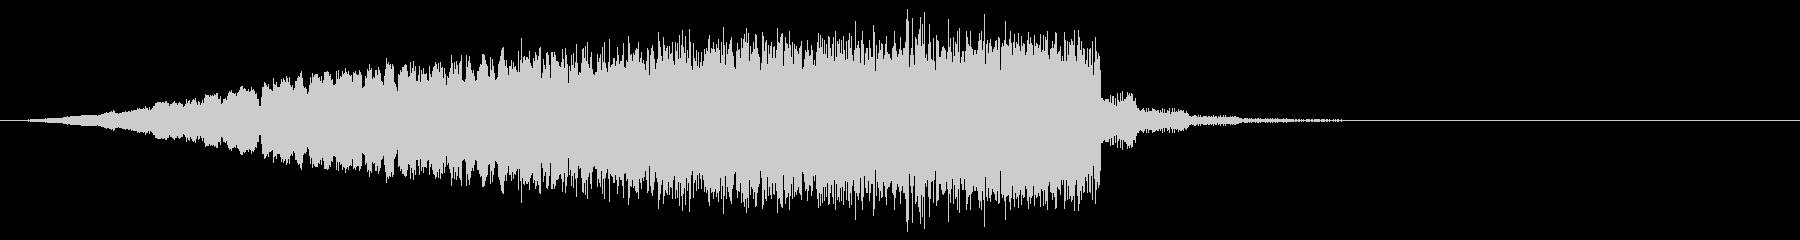 チャージ音 「ビームを溜める時の音」の未再生の波形